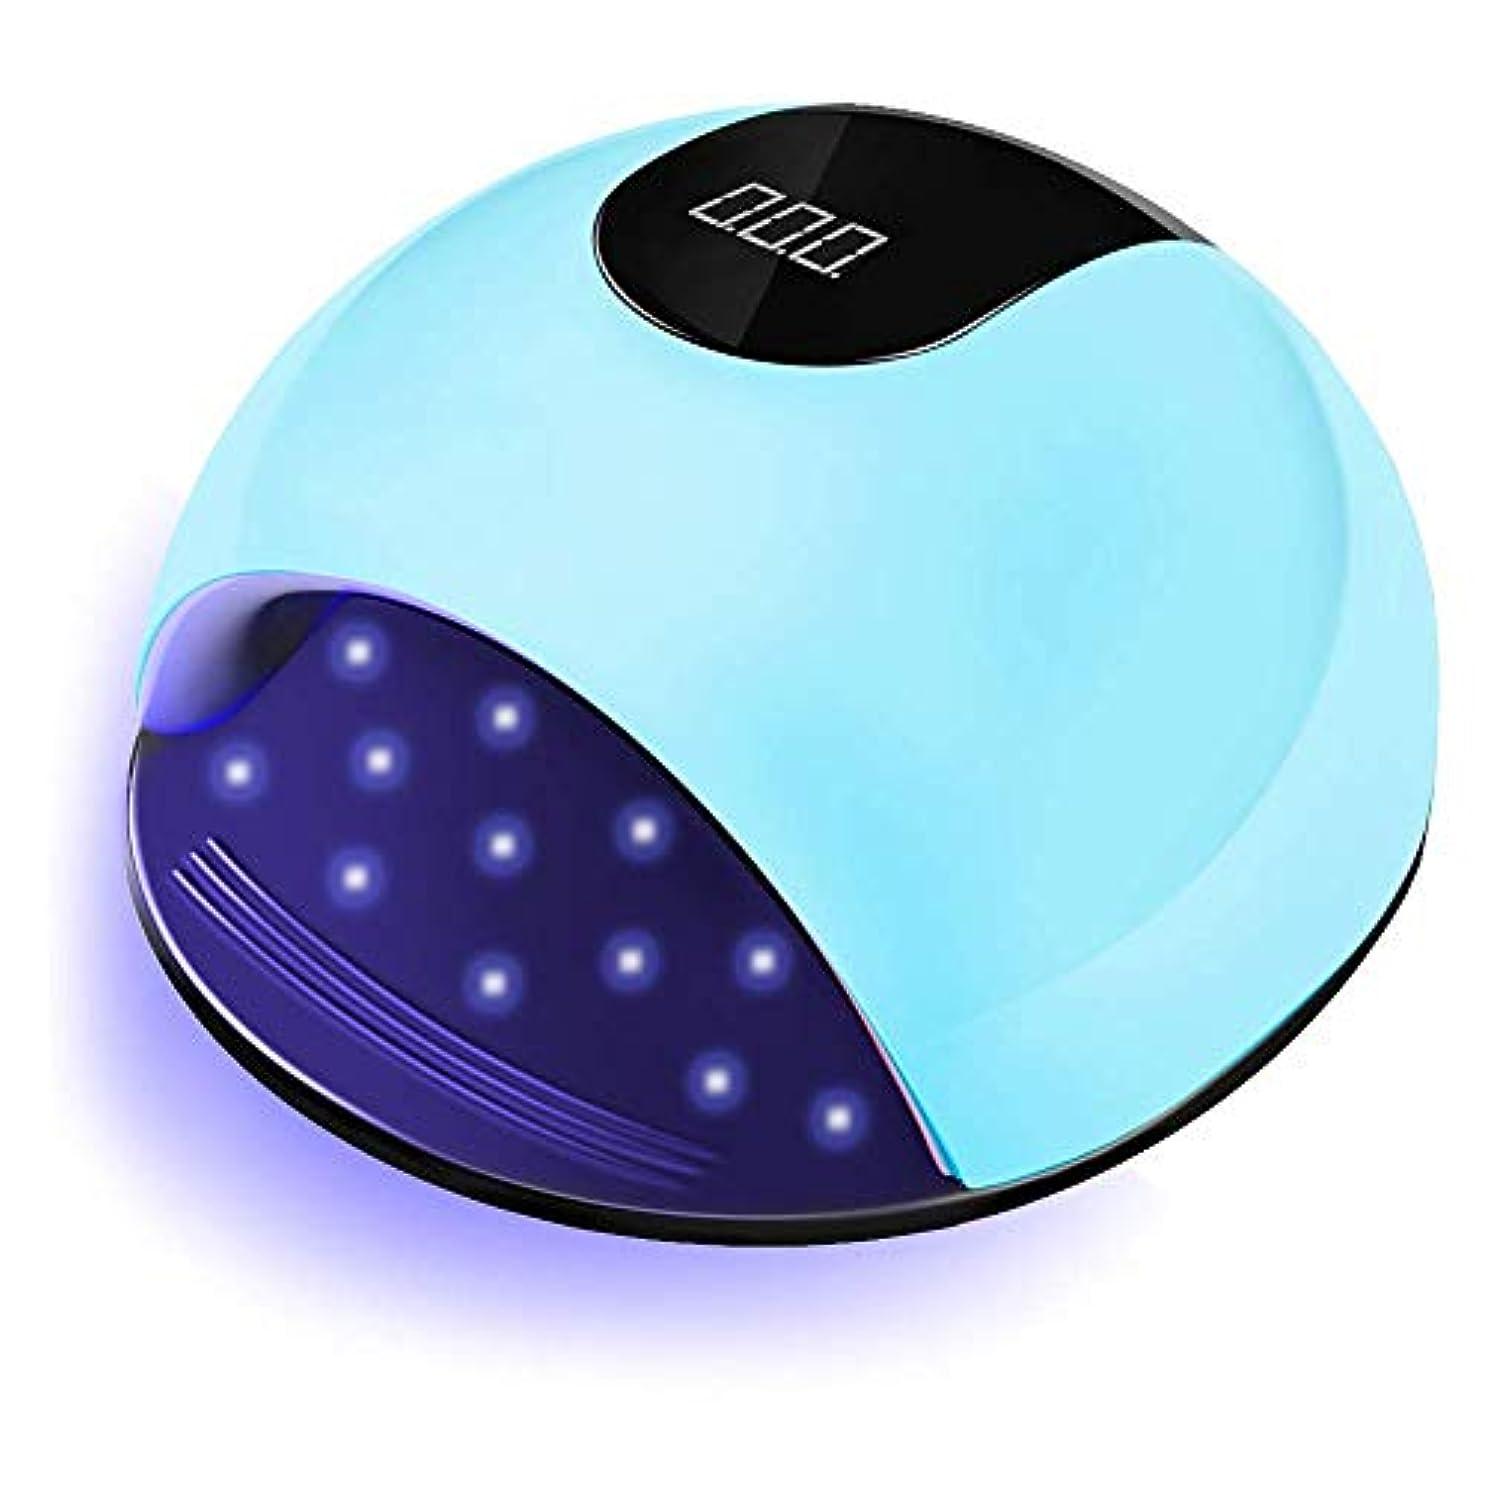 数値バーゲン影響UVネイルランプ、ジェルネイル用80W LED UVライト、36個のUVランプビーズと赤外線自動センサーを備えた高速ネイルドライヤー、ジェルネイルポリッシュに適した、爪と爪のポリッシュアート用の大きなスペース(青)